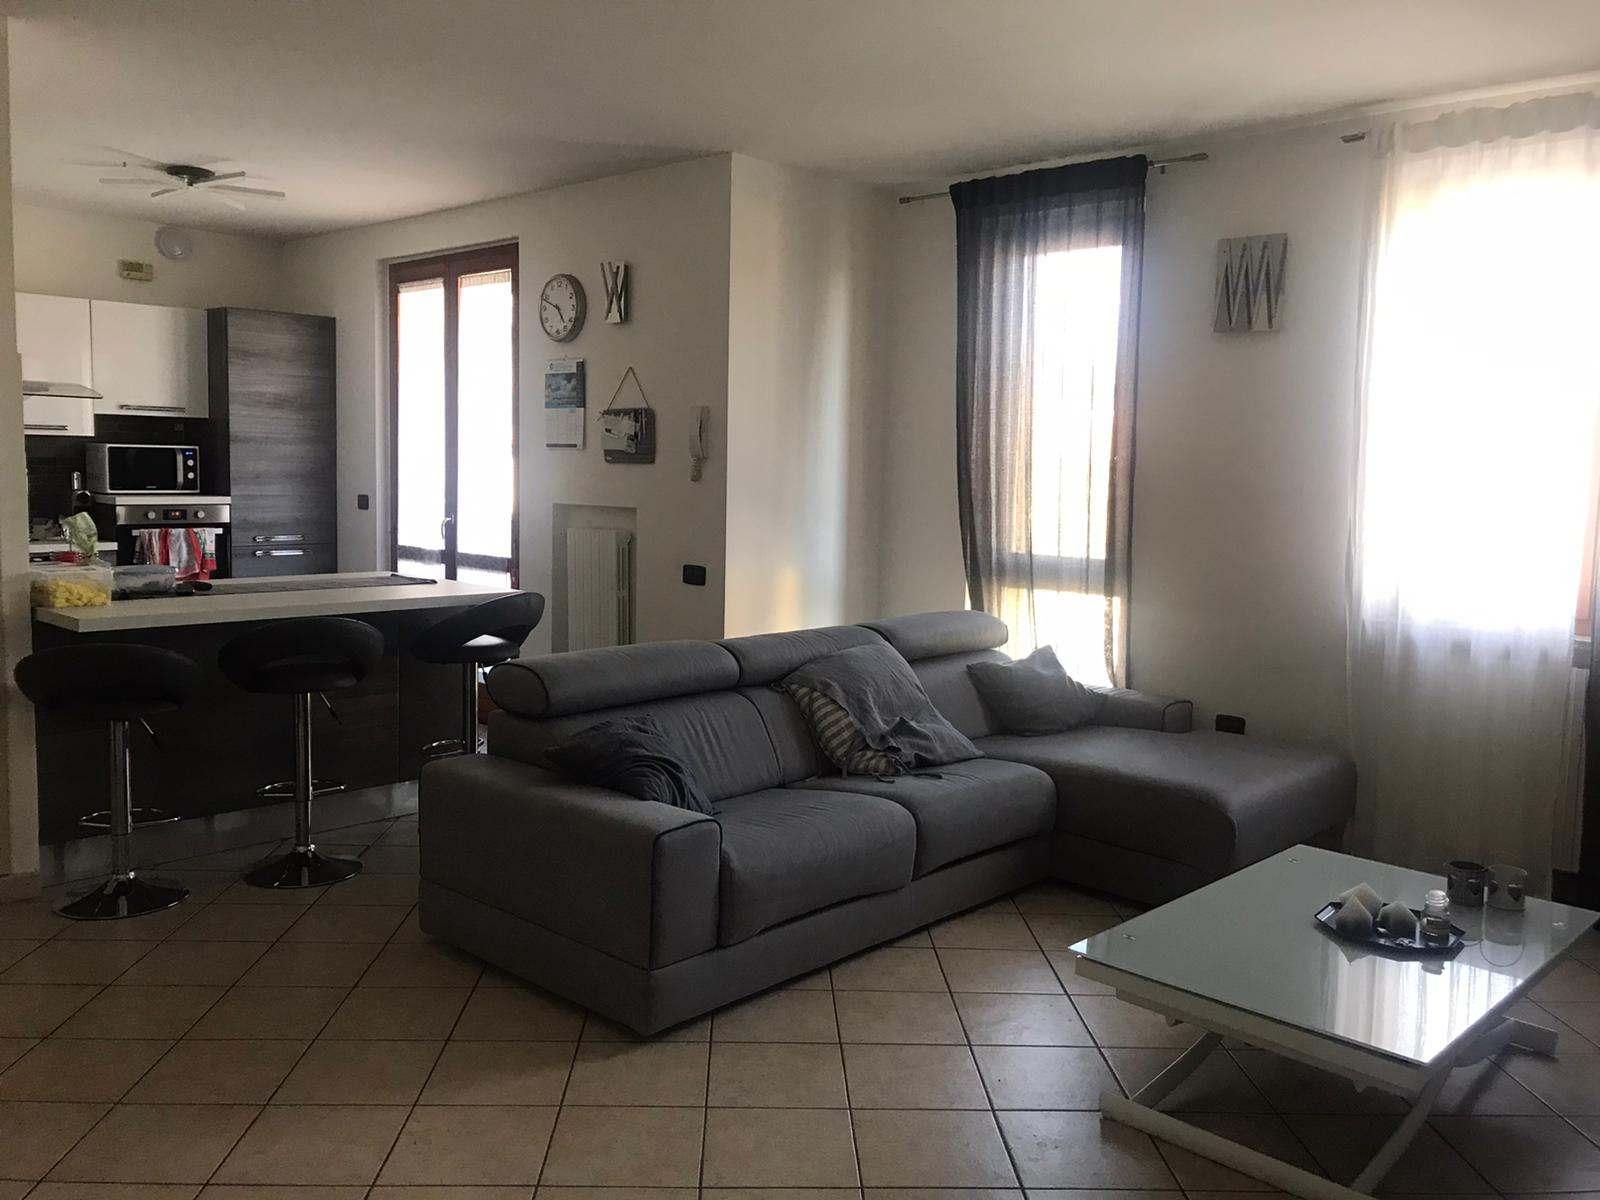 appartamento-in-vendita-3-locali-san-senone-al-lambro-trilocale-spaziourbano-immobiliare-vende-7